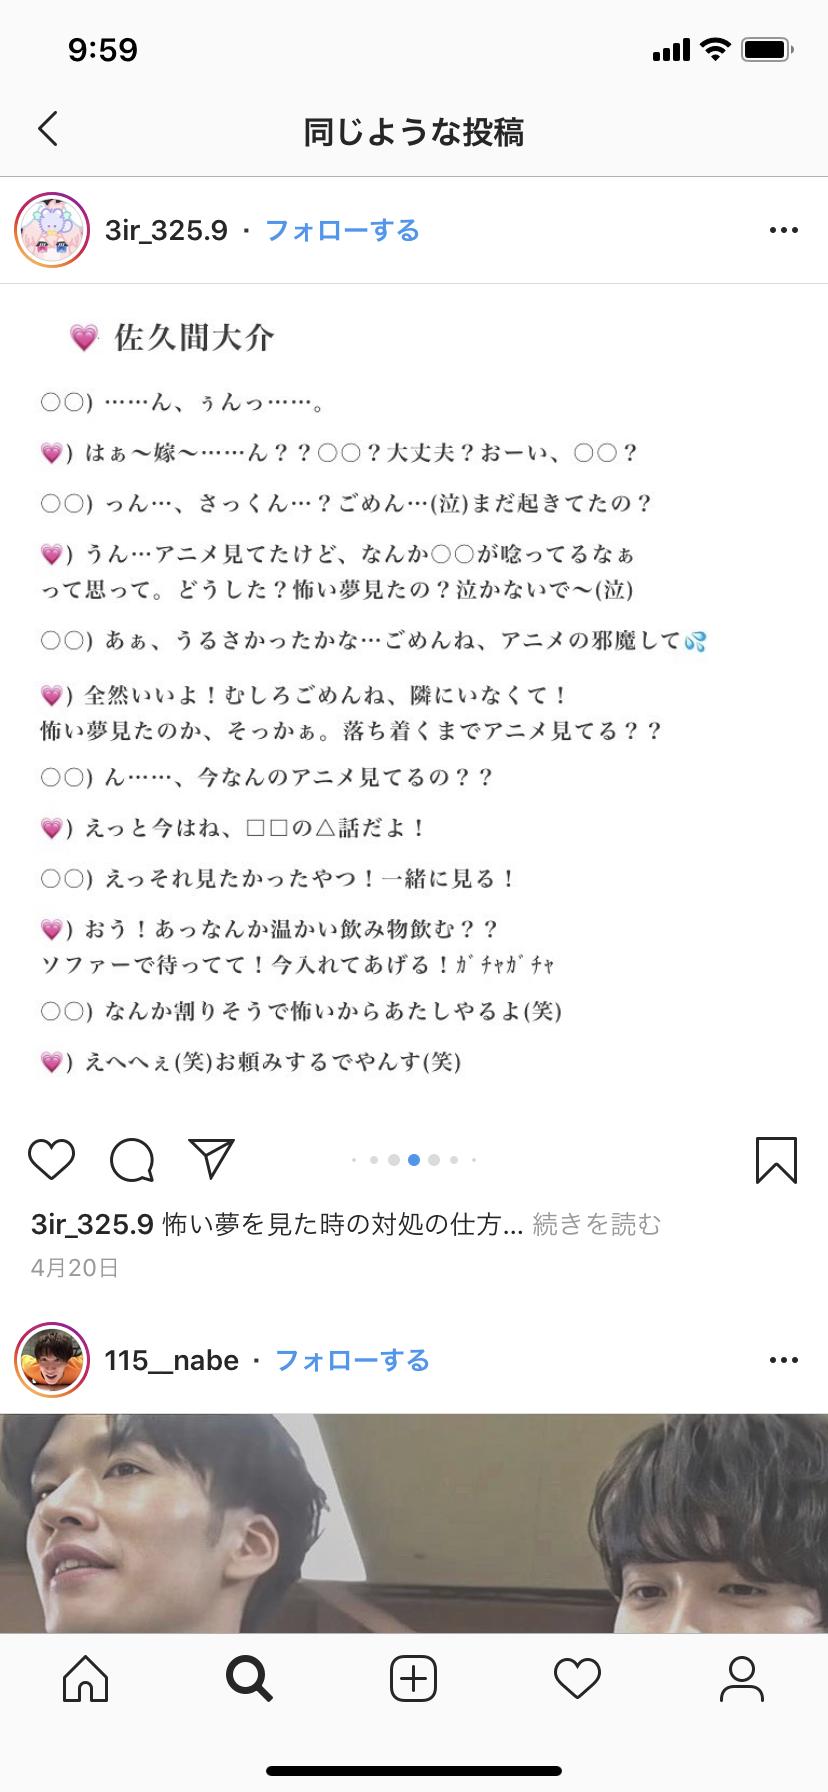 裏 スノーマン 妄想 スノーマン 妄想